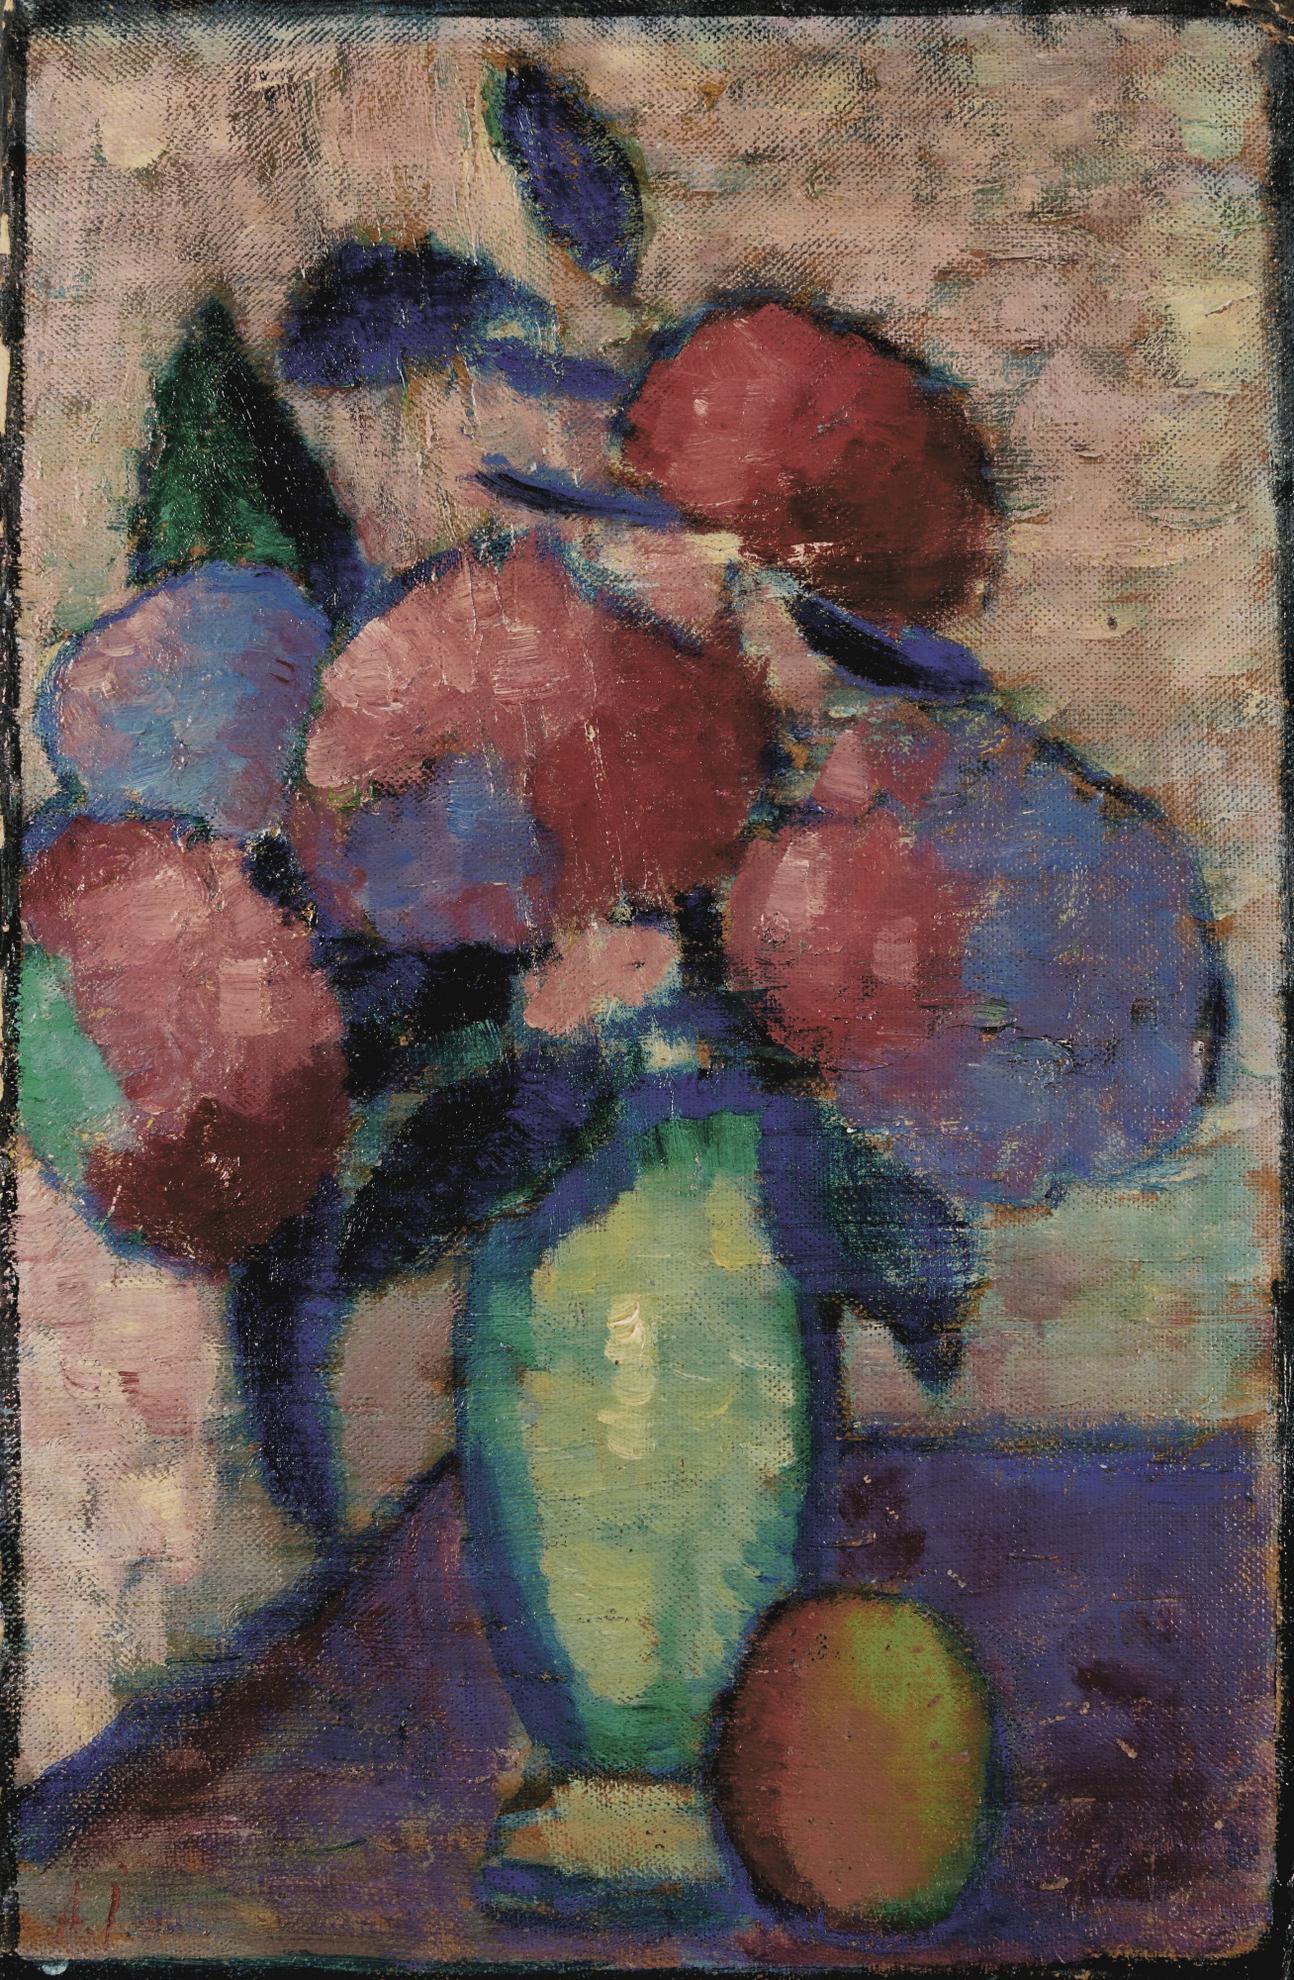 Alexej von Jawlensky-Stillleben: Blumen In Gruner Vase (Still-Life: Flowers In Green Vase)-1930